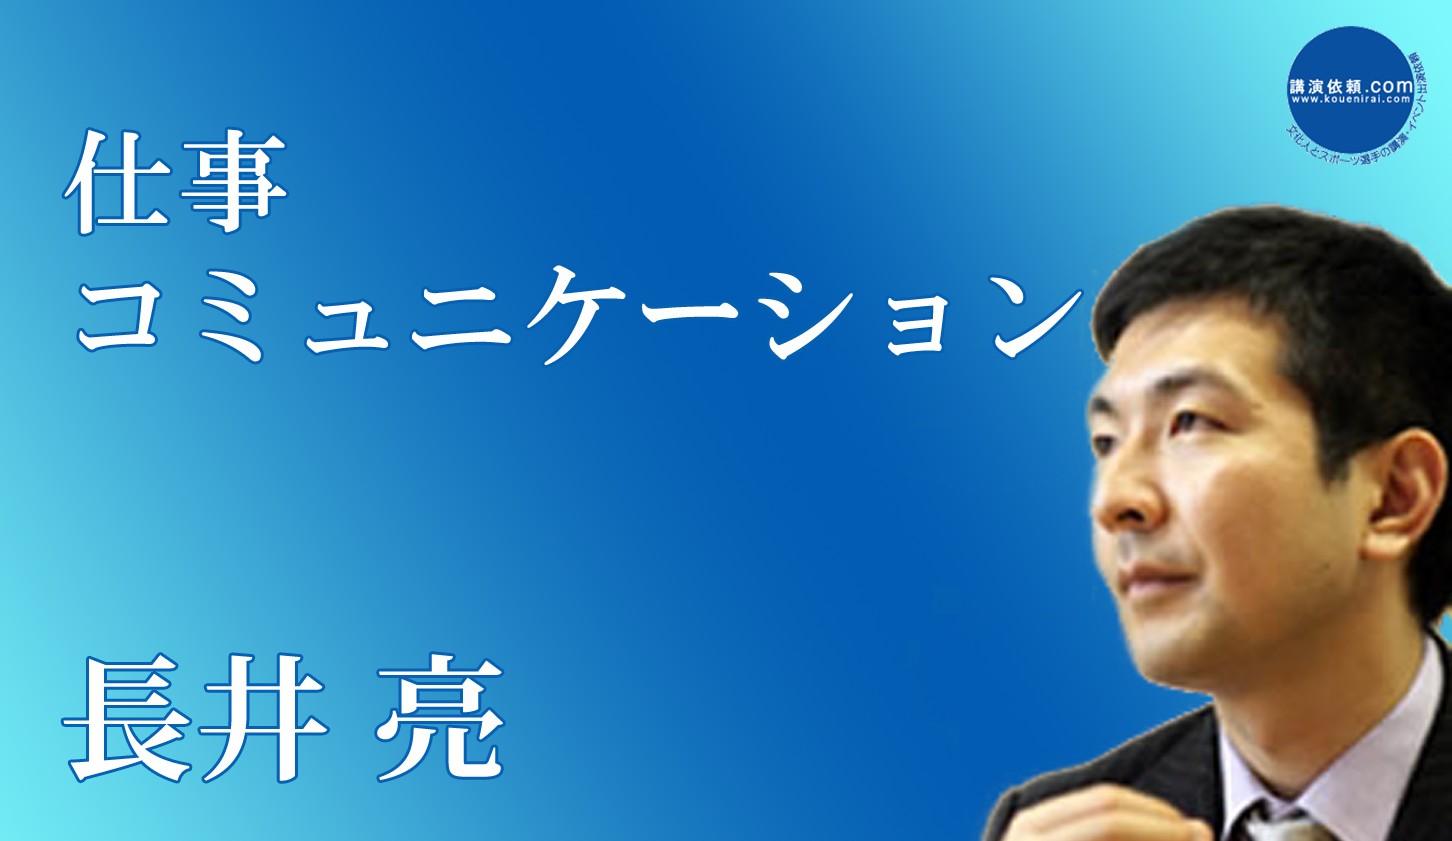 長井 亮の「仕事コミュニケーション」